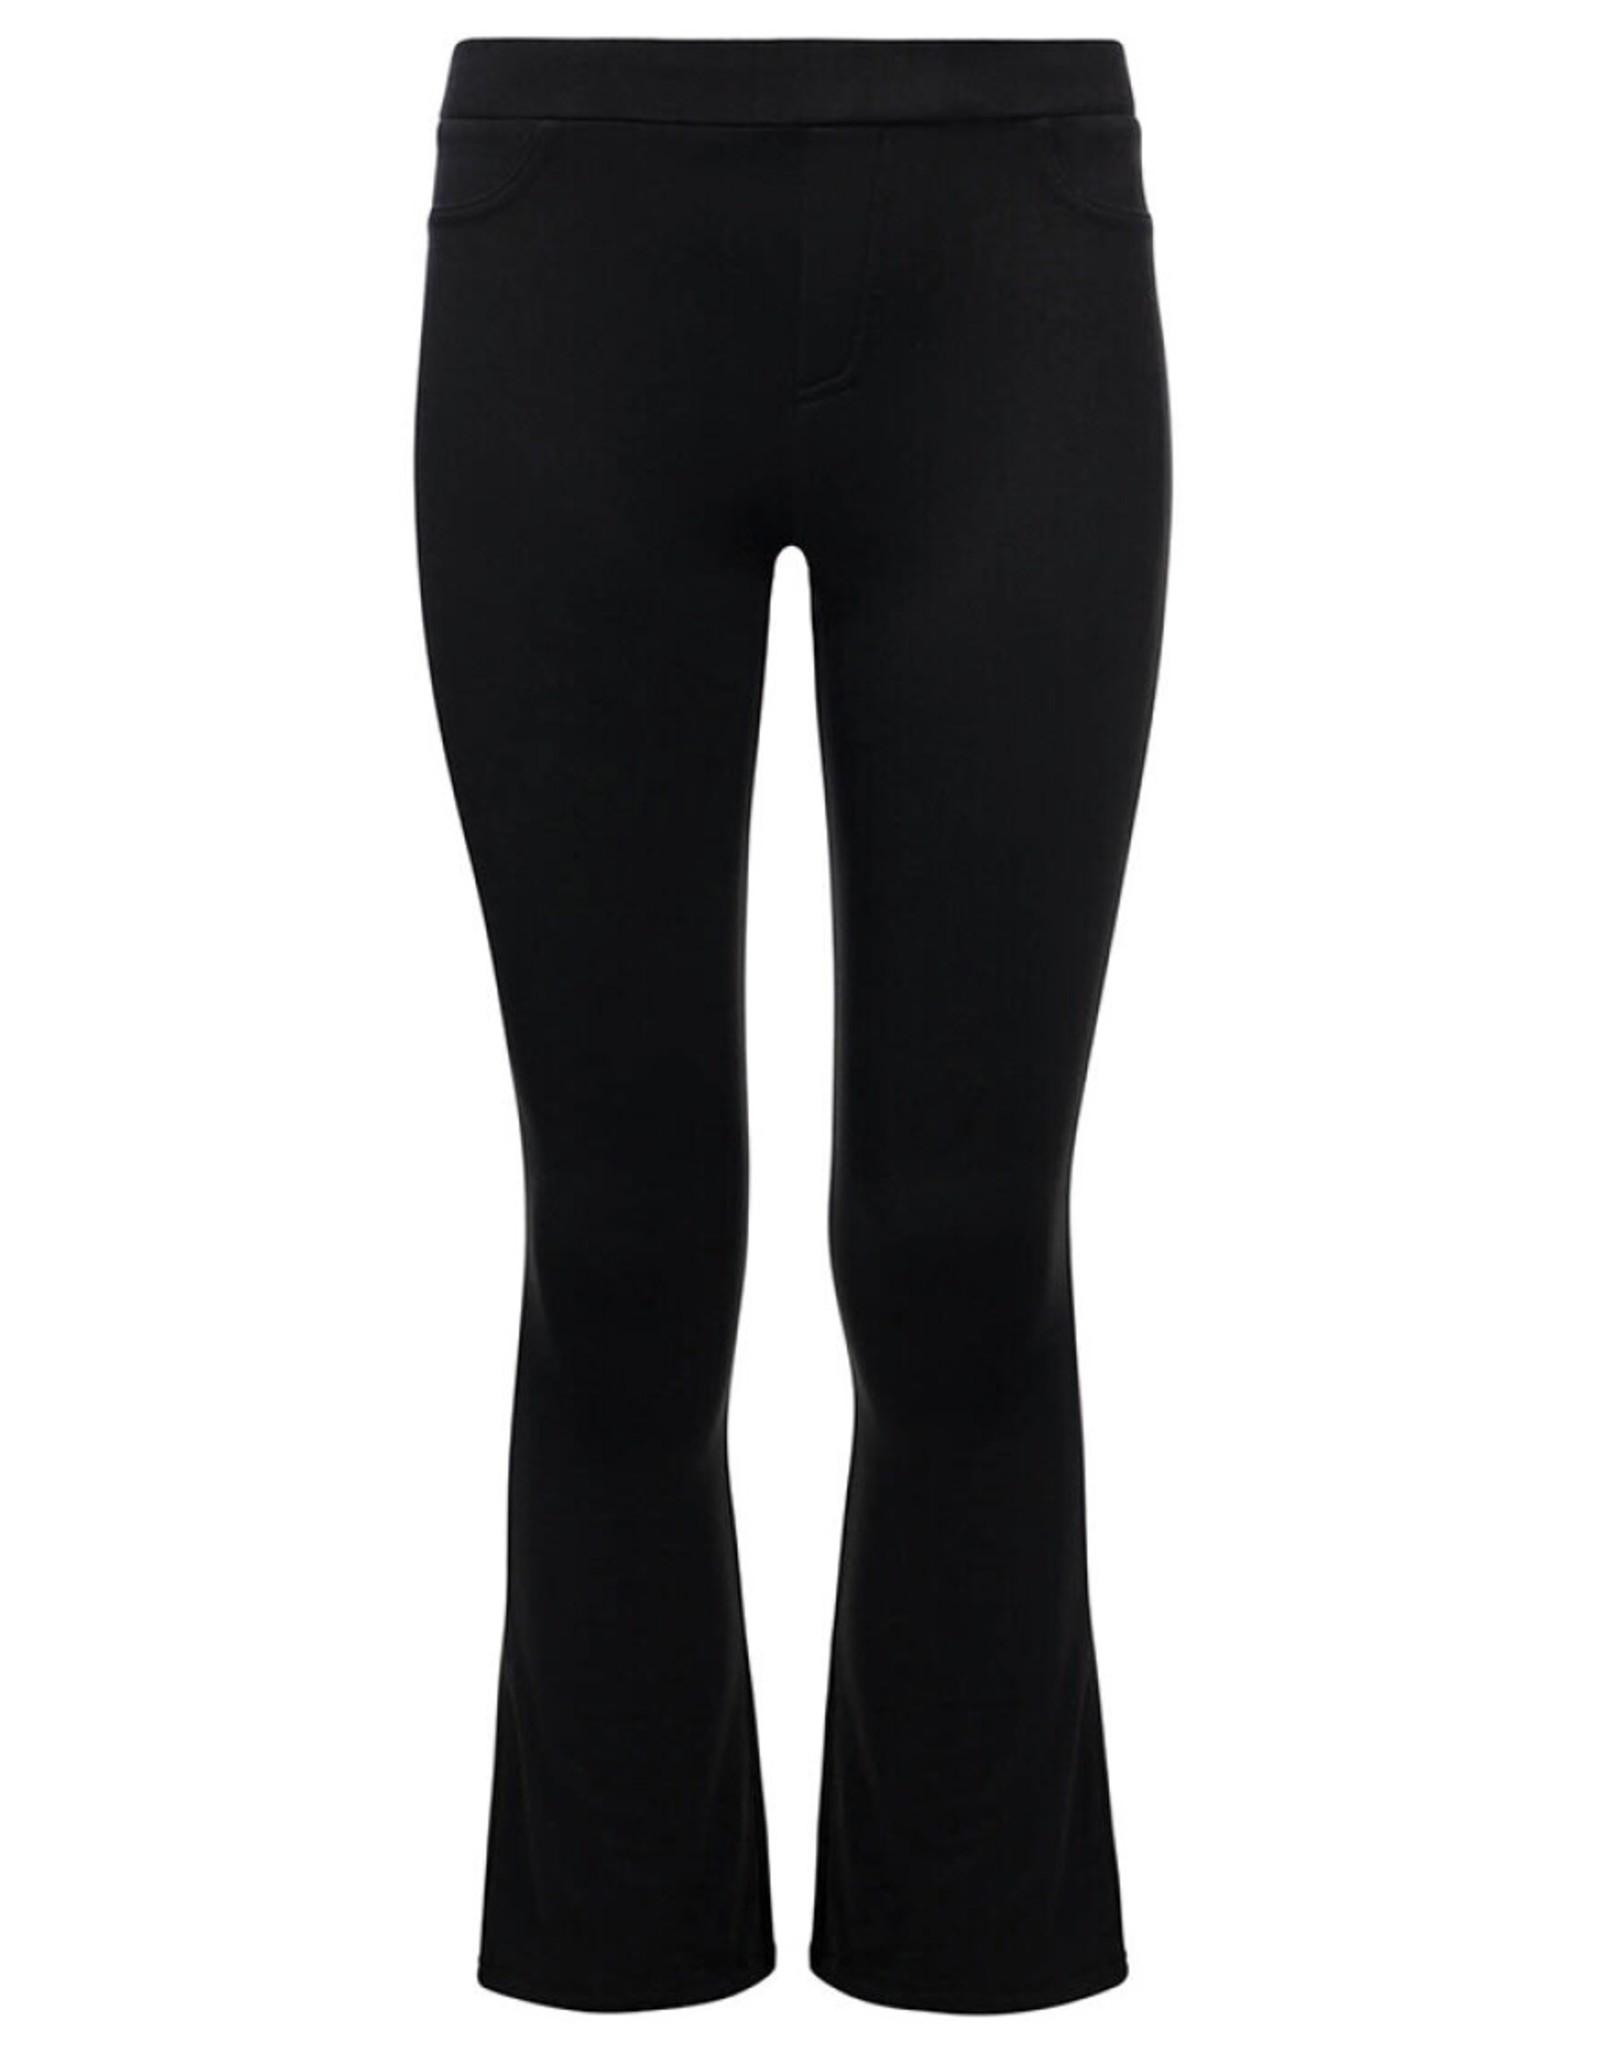 looxs 2033-7692 flair pants